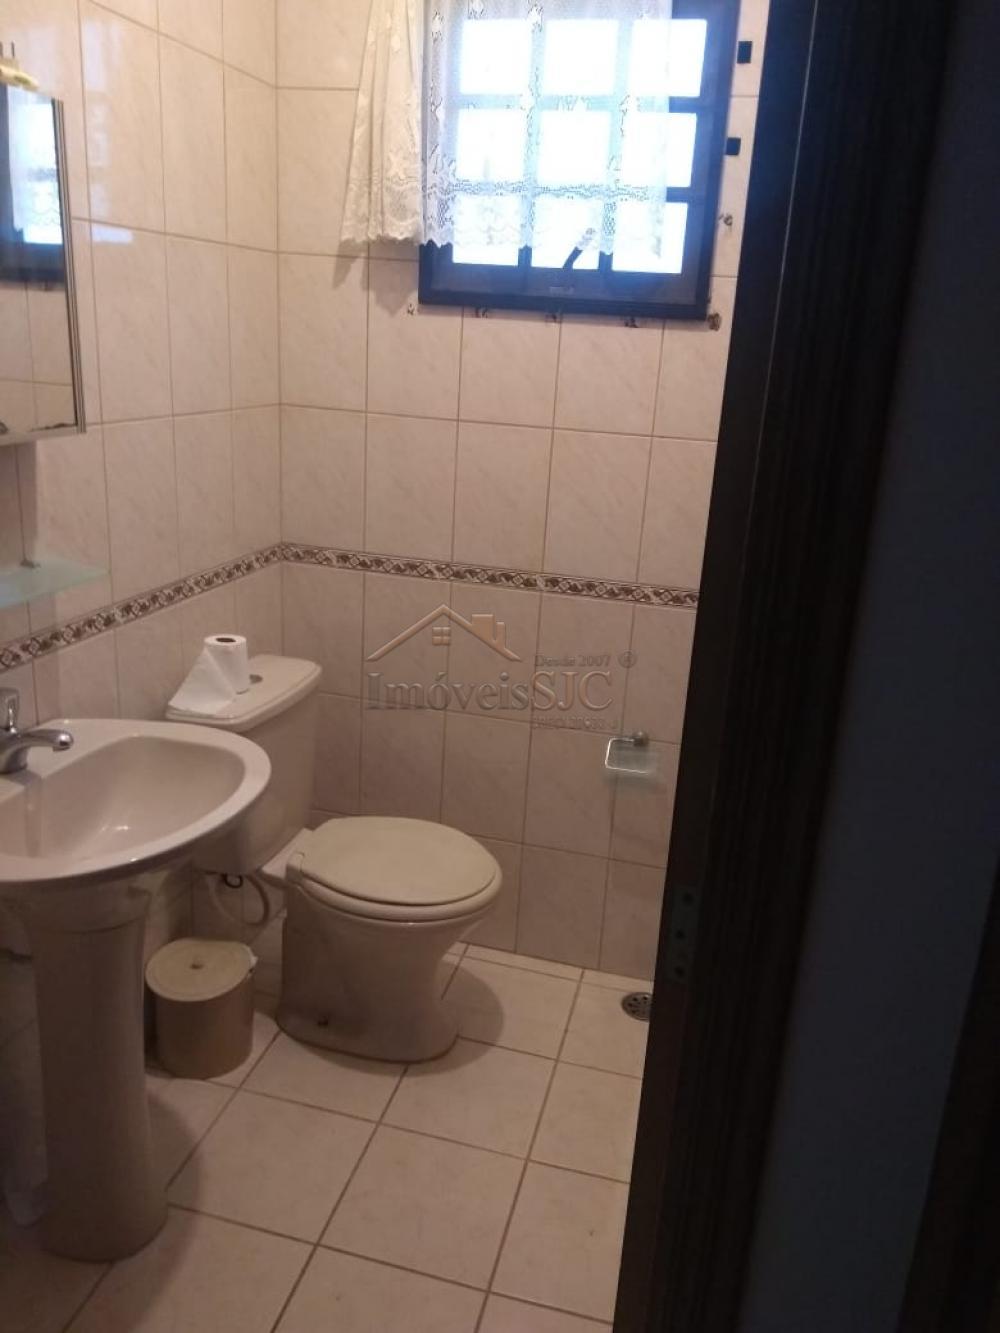 Comprar Casas / Padrão em São José dos Campos apenas R$ 320.000,00 - Foto 13